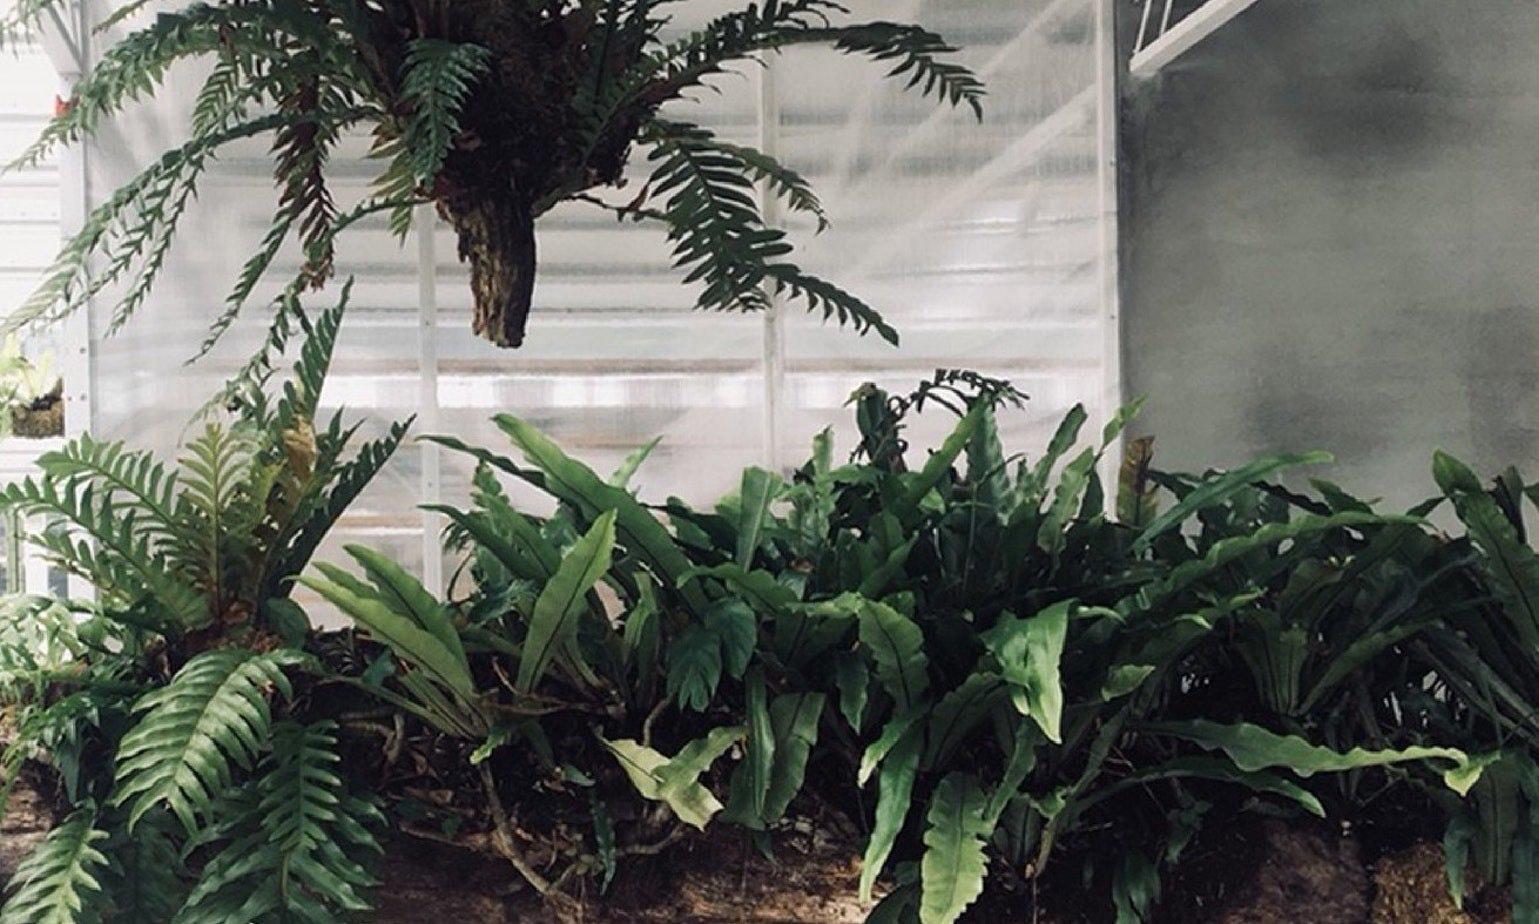 綠意環繞的植物生活